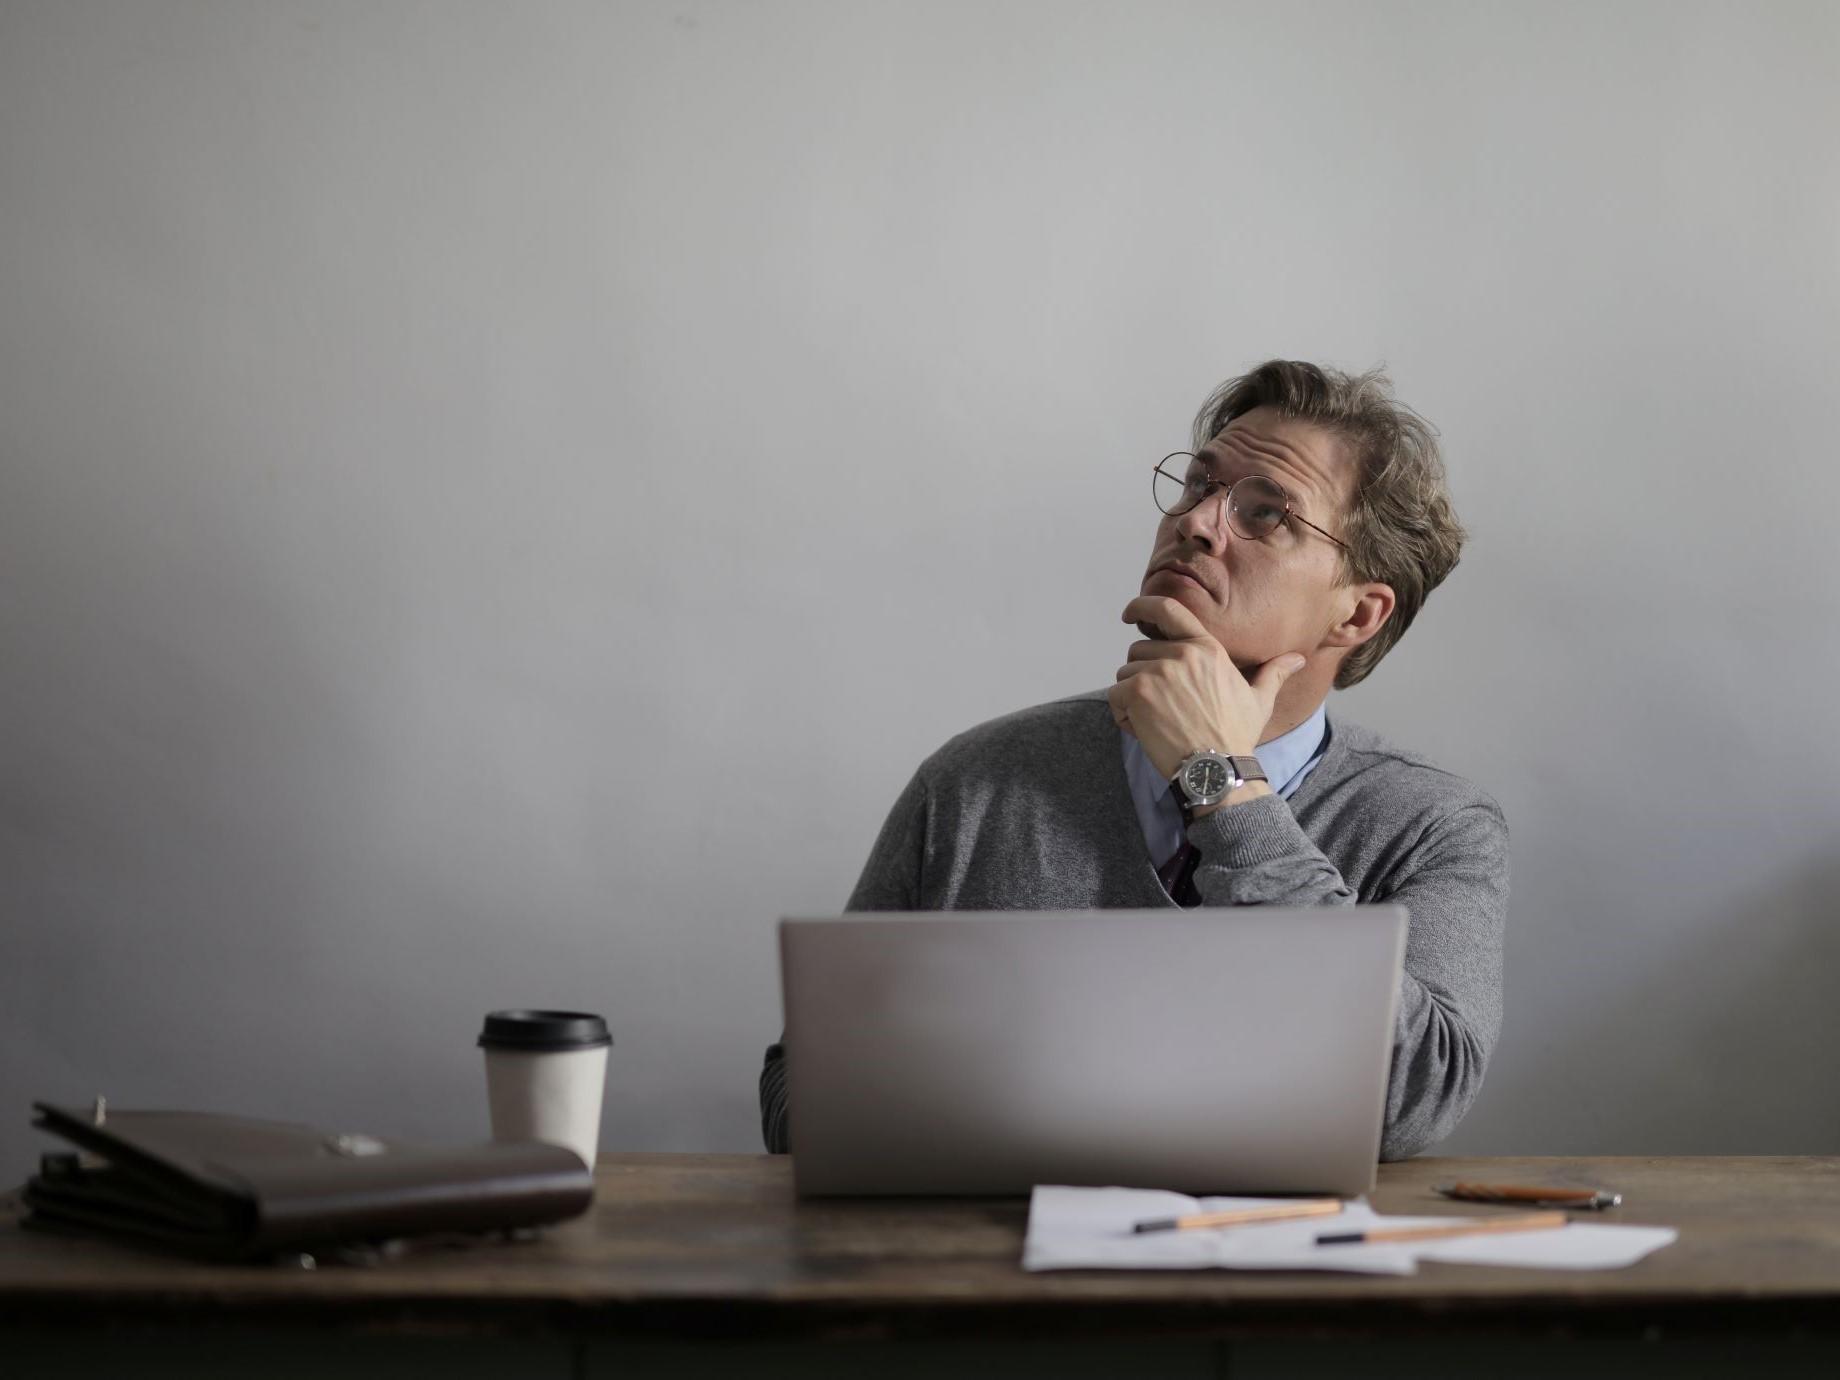 下一個工作會更好嗎?1111人力銀行總經理告訴你「無痛轉職」這樣做!